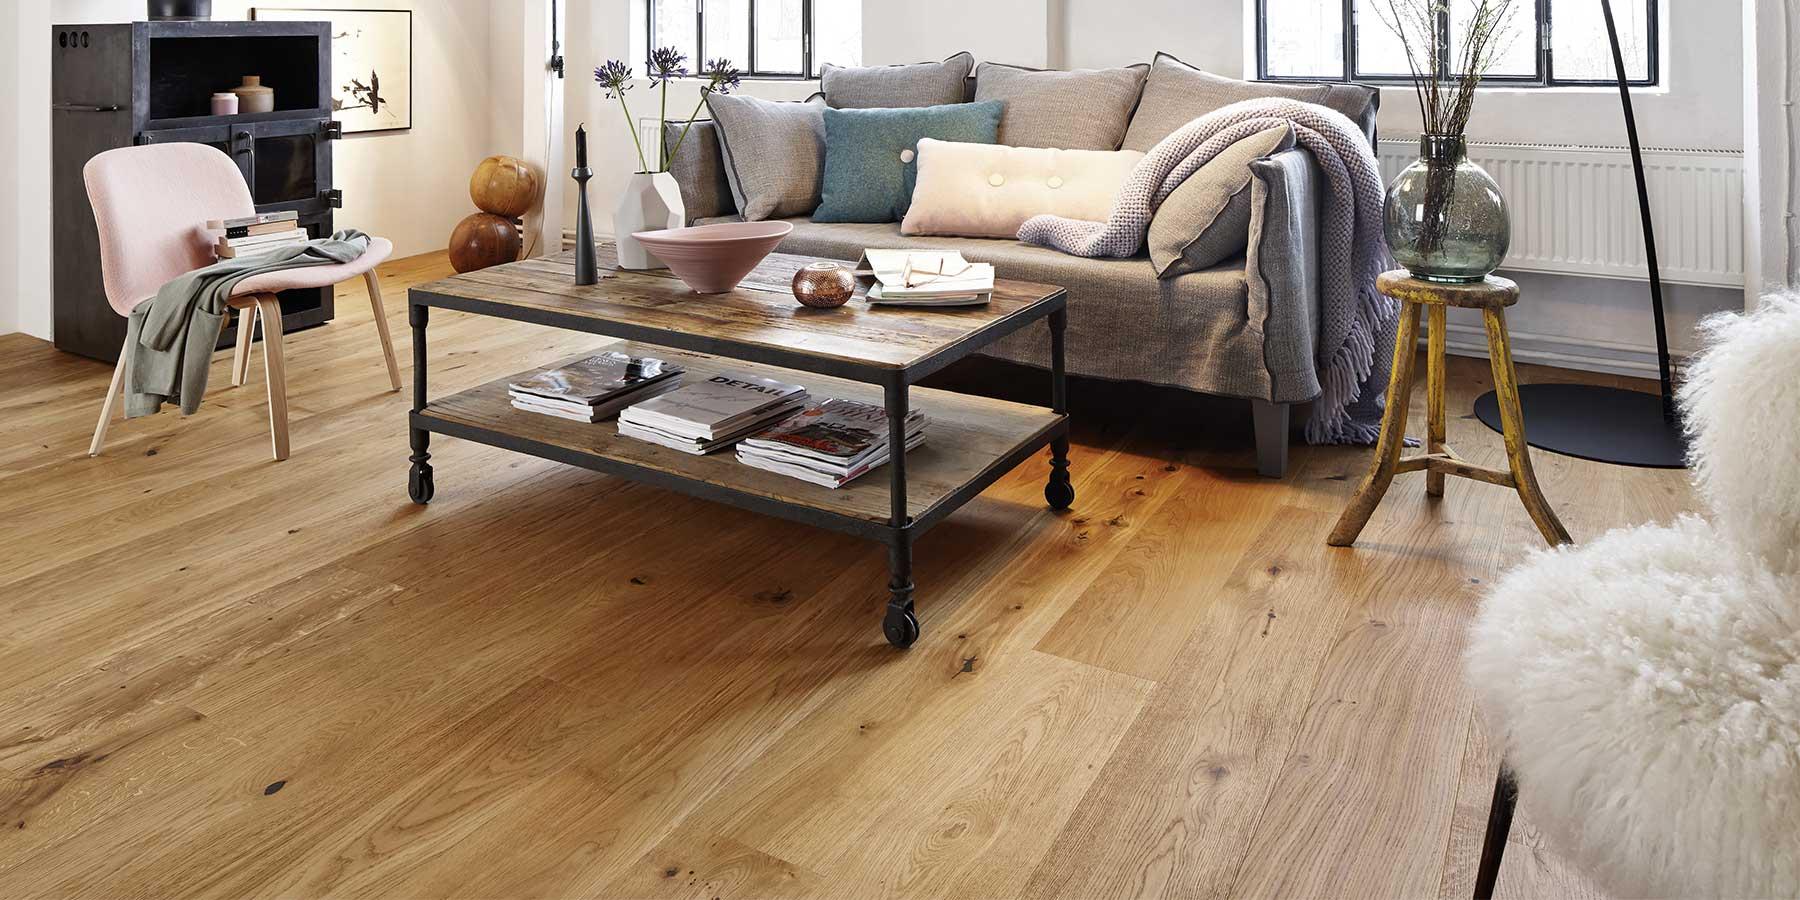 Bodenberater | Oberflächenbehandlung Böden | Boen Rustic Oak | HolzLand Verbeek | Straelen